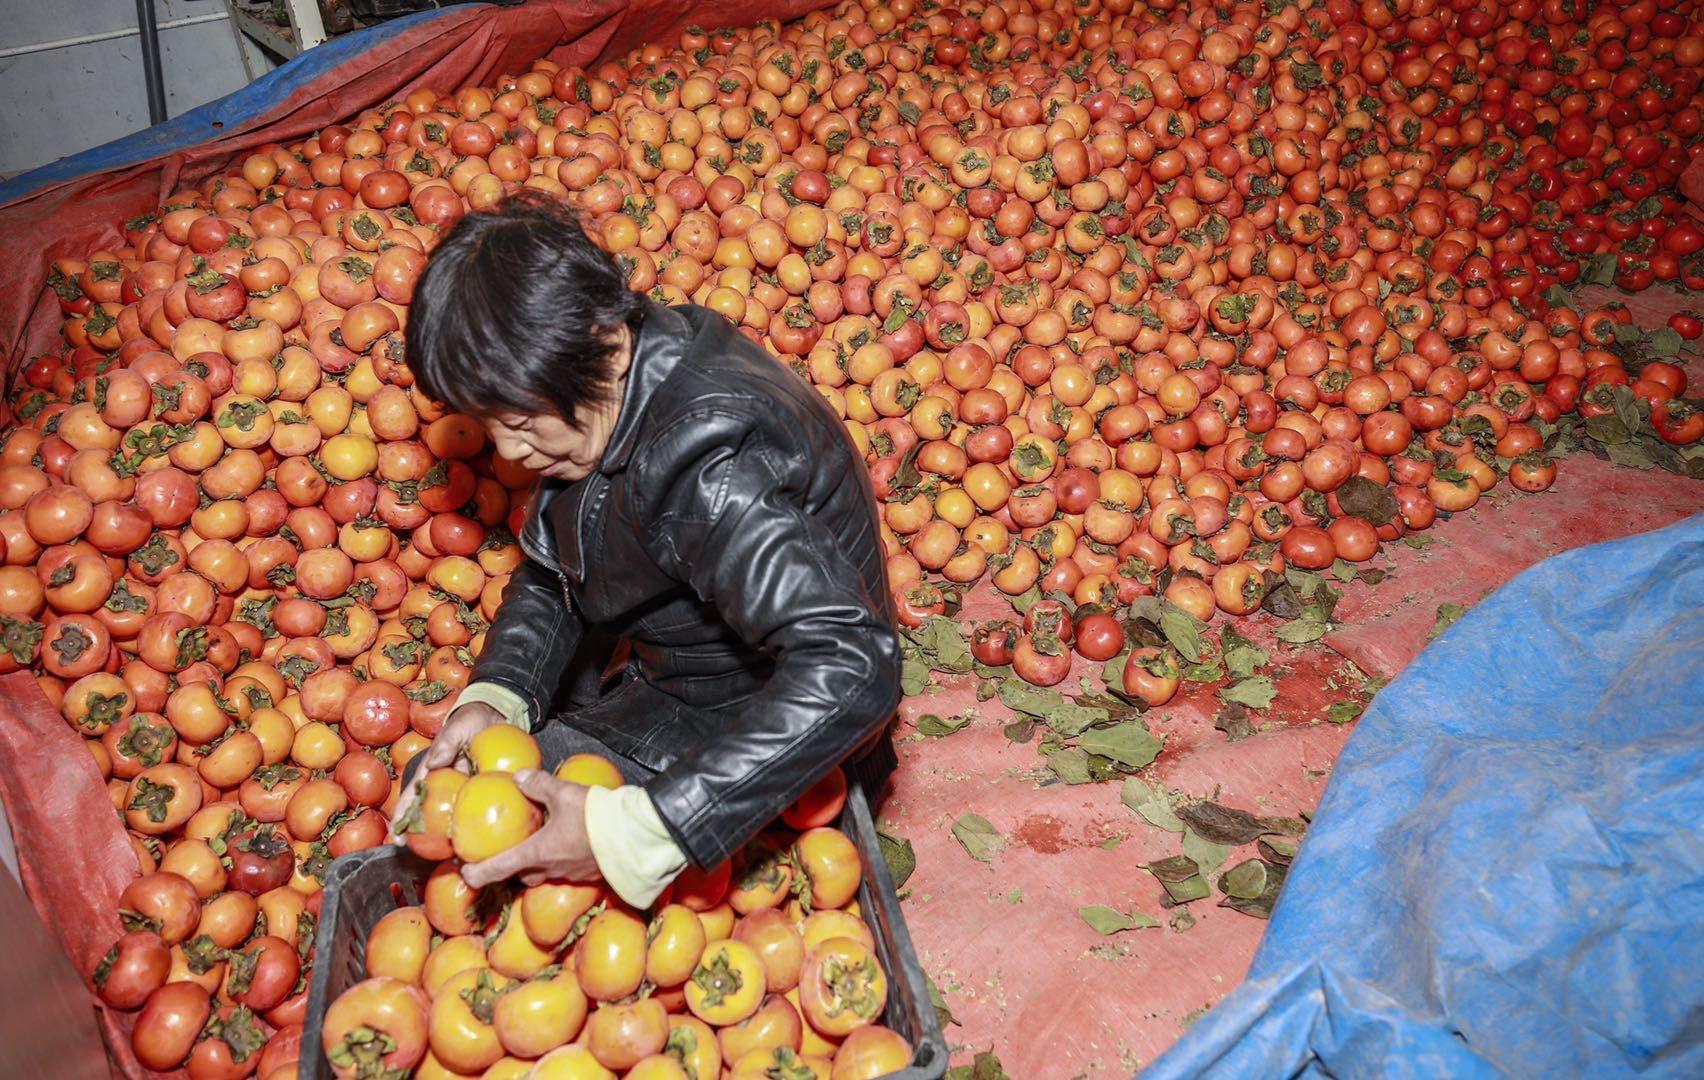 【文化脱贫在行动·陕西篇】小柿子成脱贫致富大宝藏图片